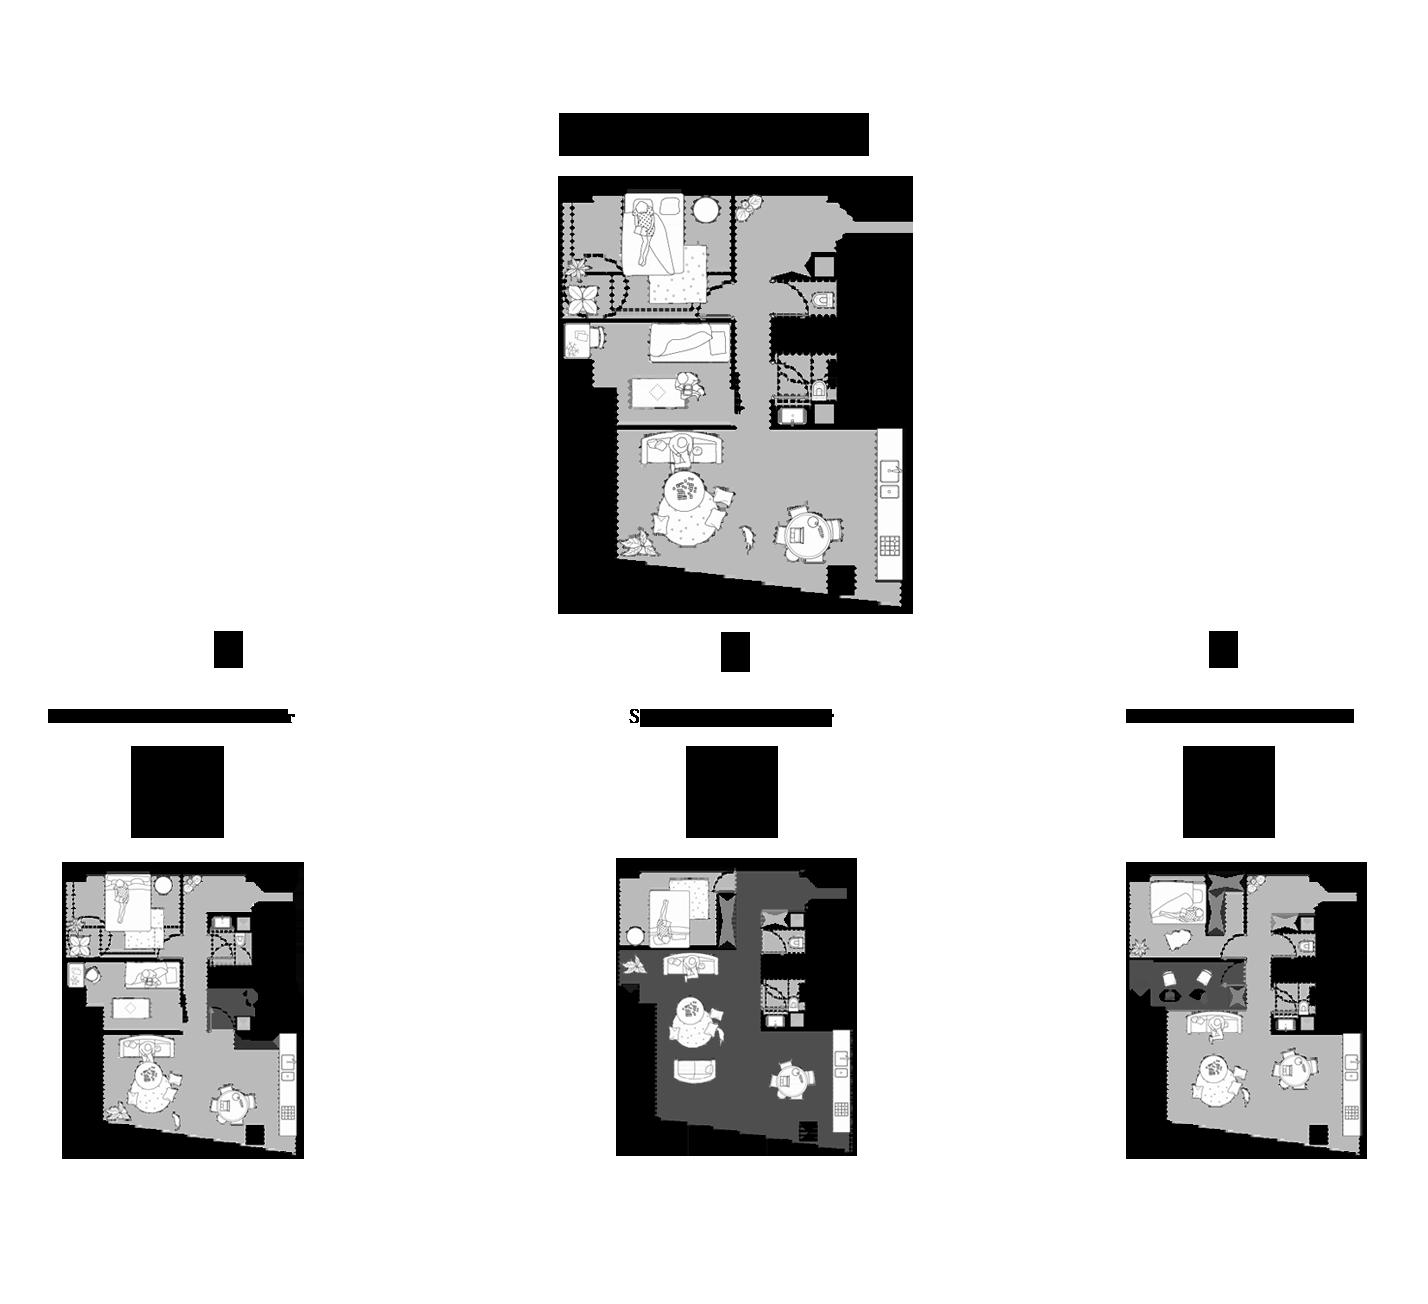 B1A5-logements-concours-architecture-paris-construction-atelier-steve-Conflit-lié-au-codage-Unicode